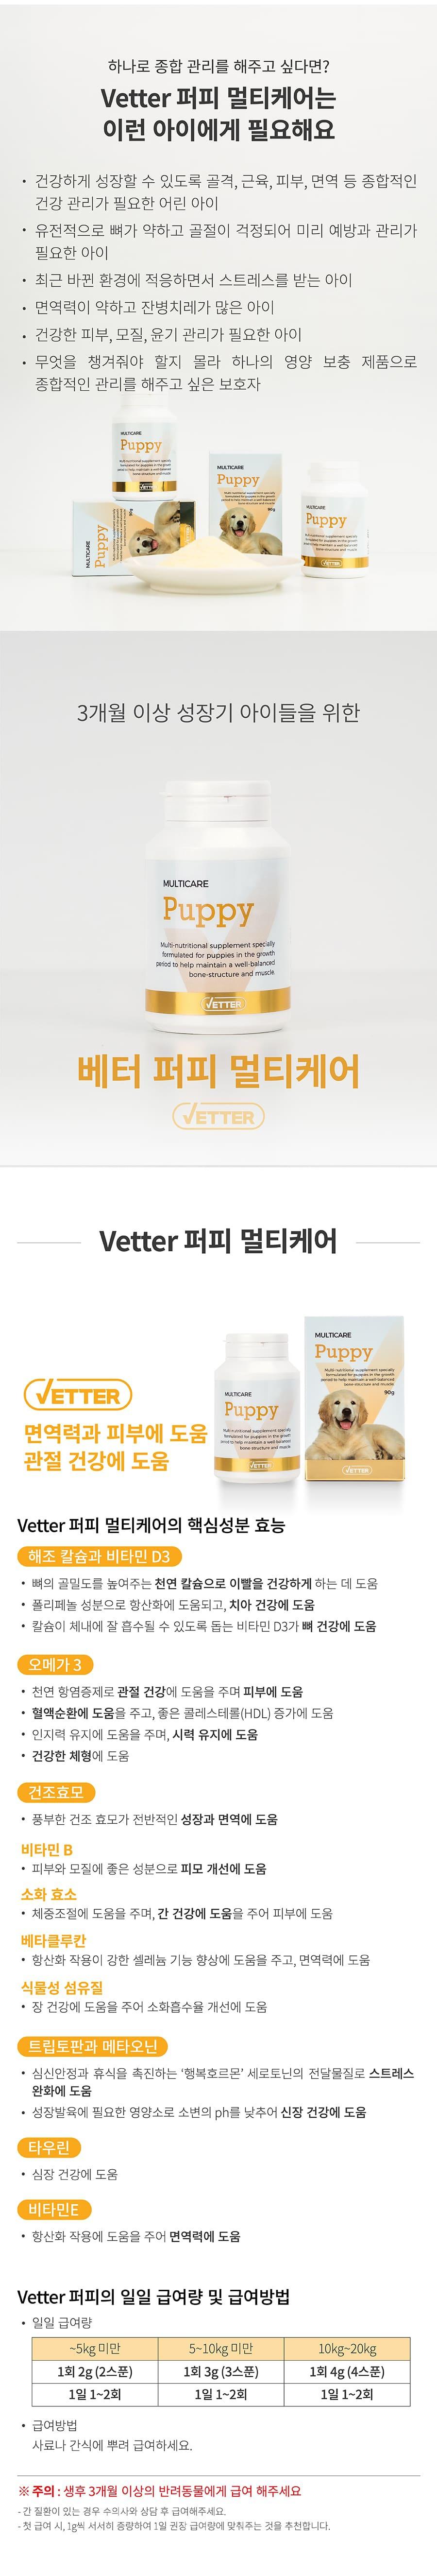 [EVENT] Vetter 댕냥이 영양 파우더 11종 (관절/피부/안정/눈/장/소화)-상품이미지-25